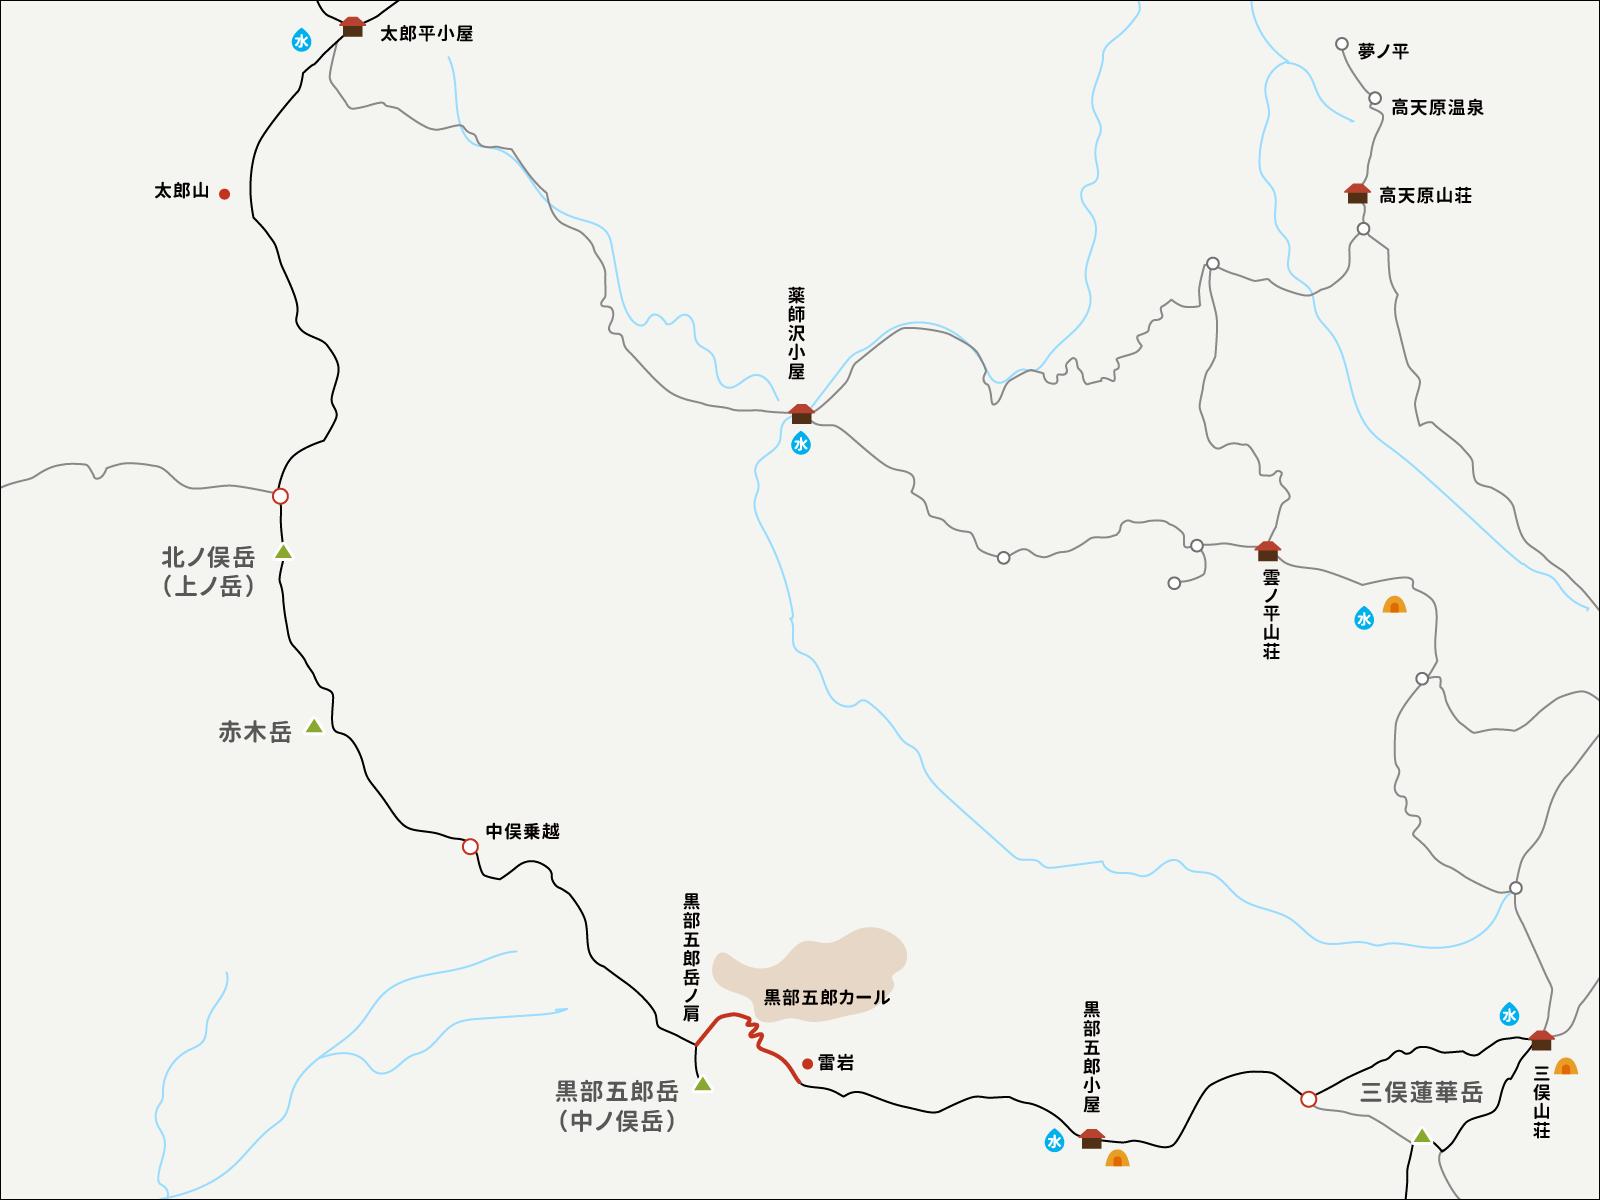 黒部五郎岳から雷岩までのイラストマップ